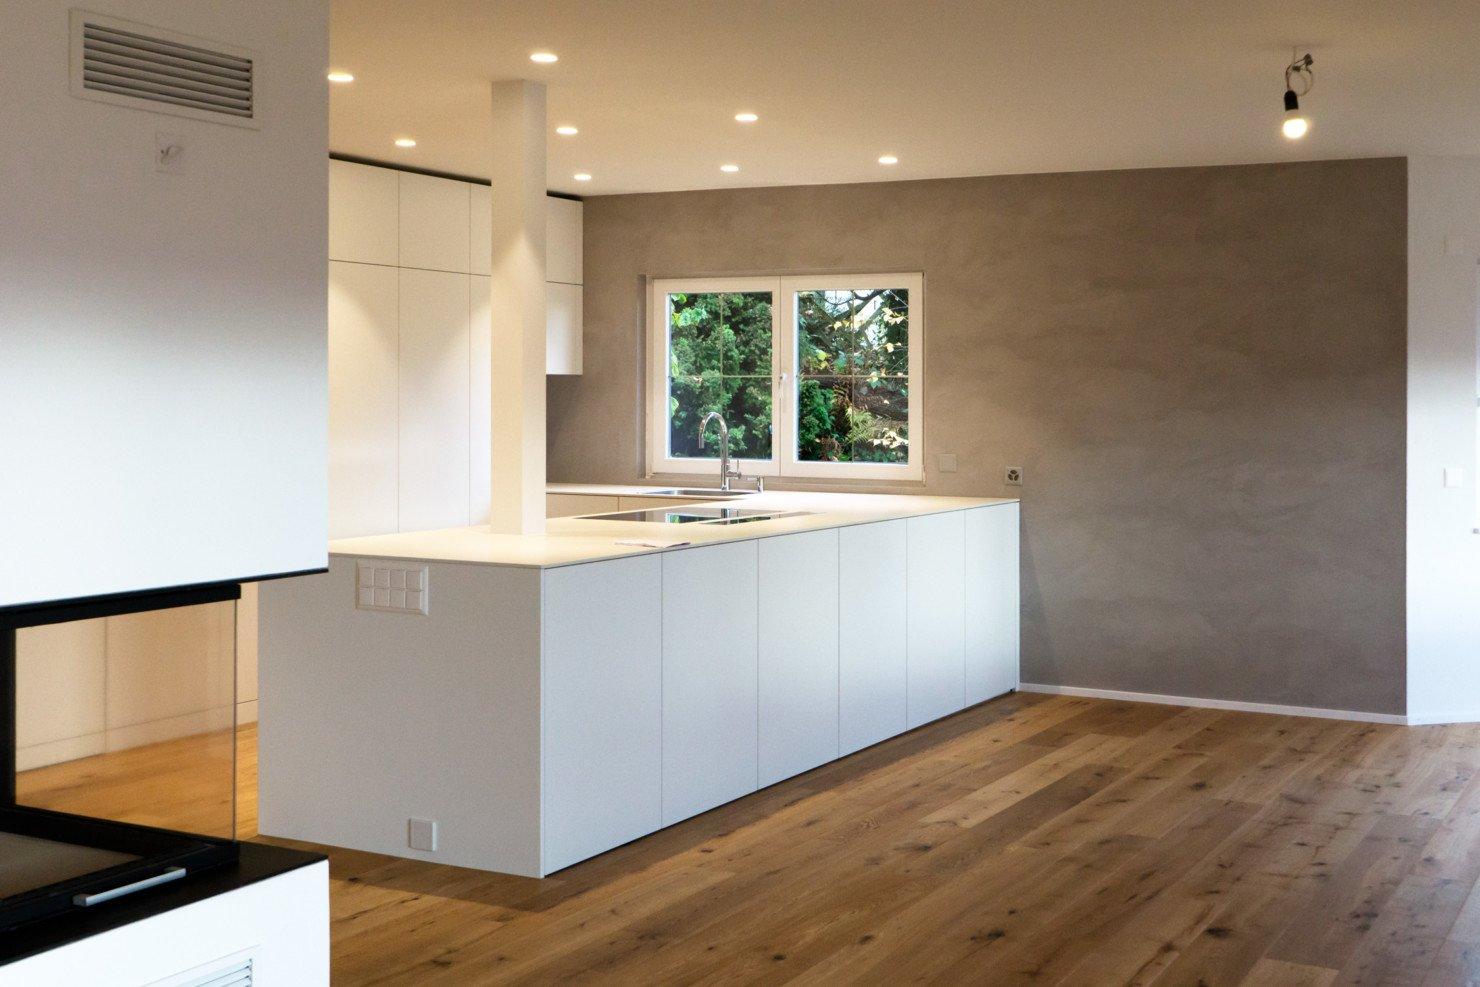 Bodenbelag Wohnzimmer Beispiele Wohnzimmer ideen zur